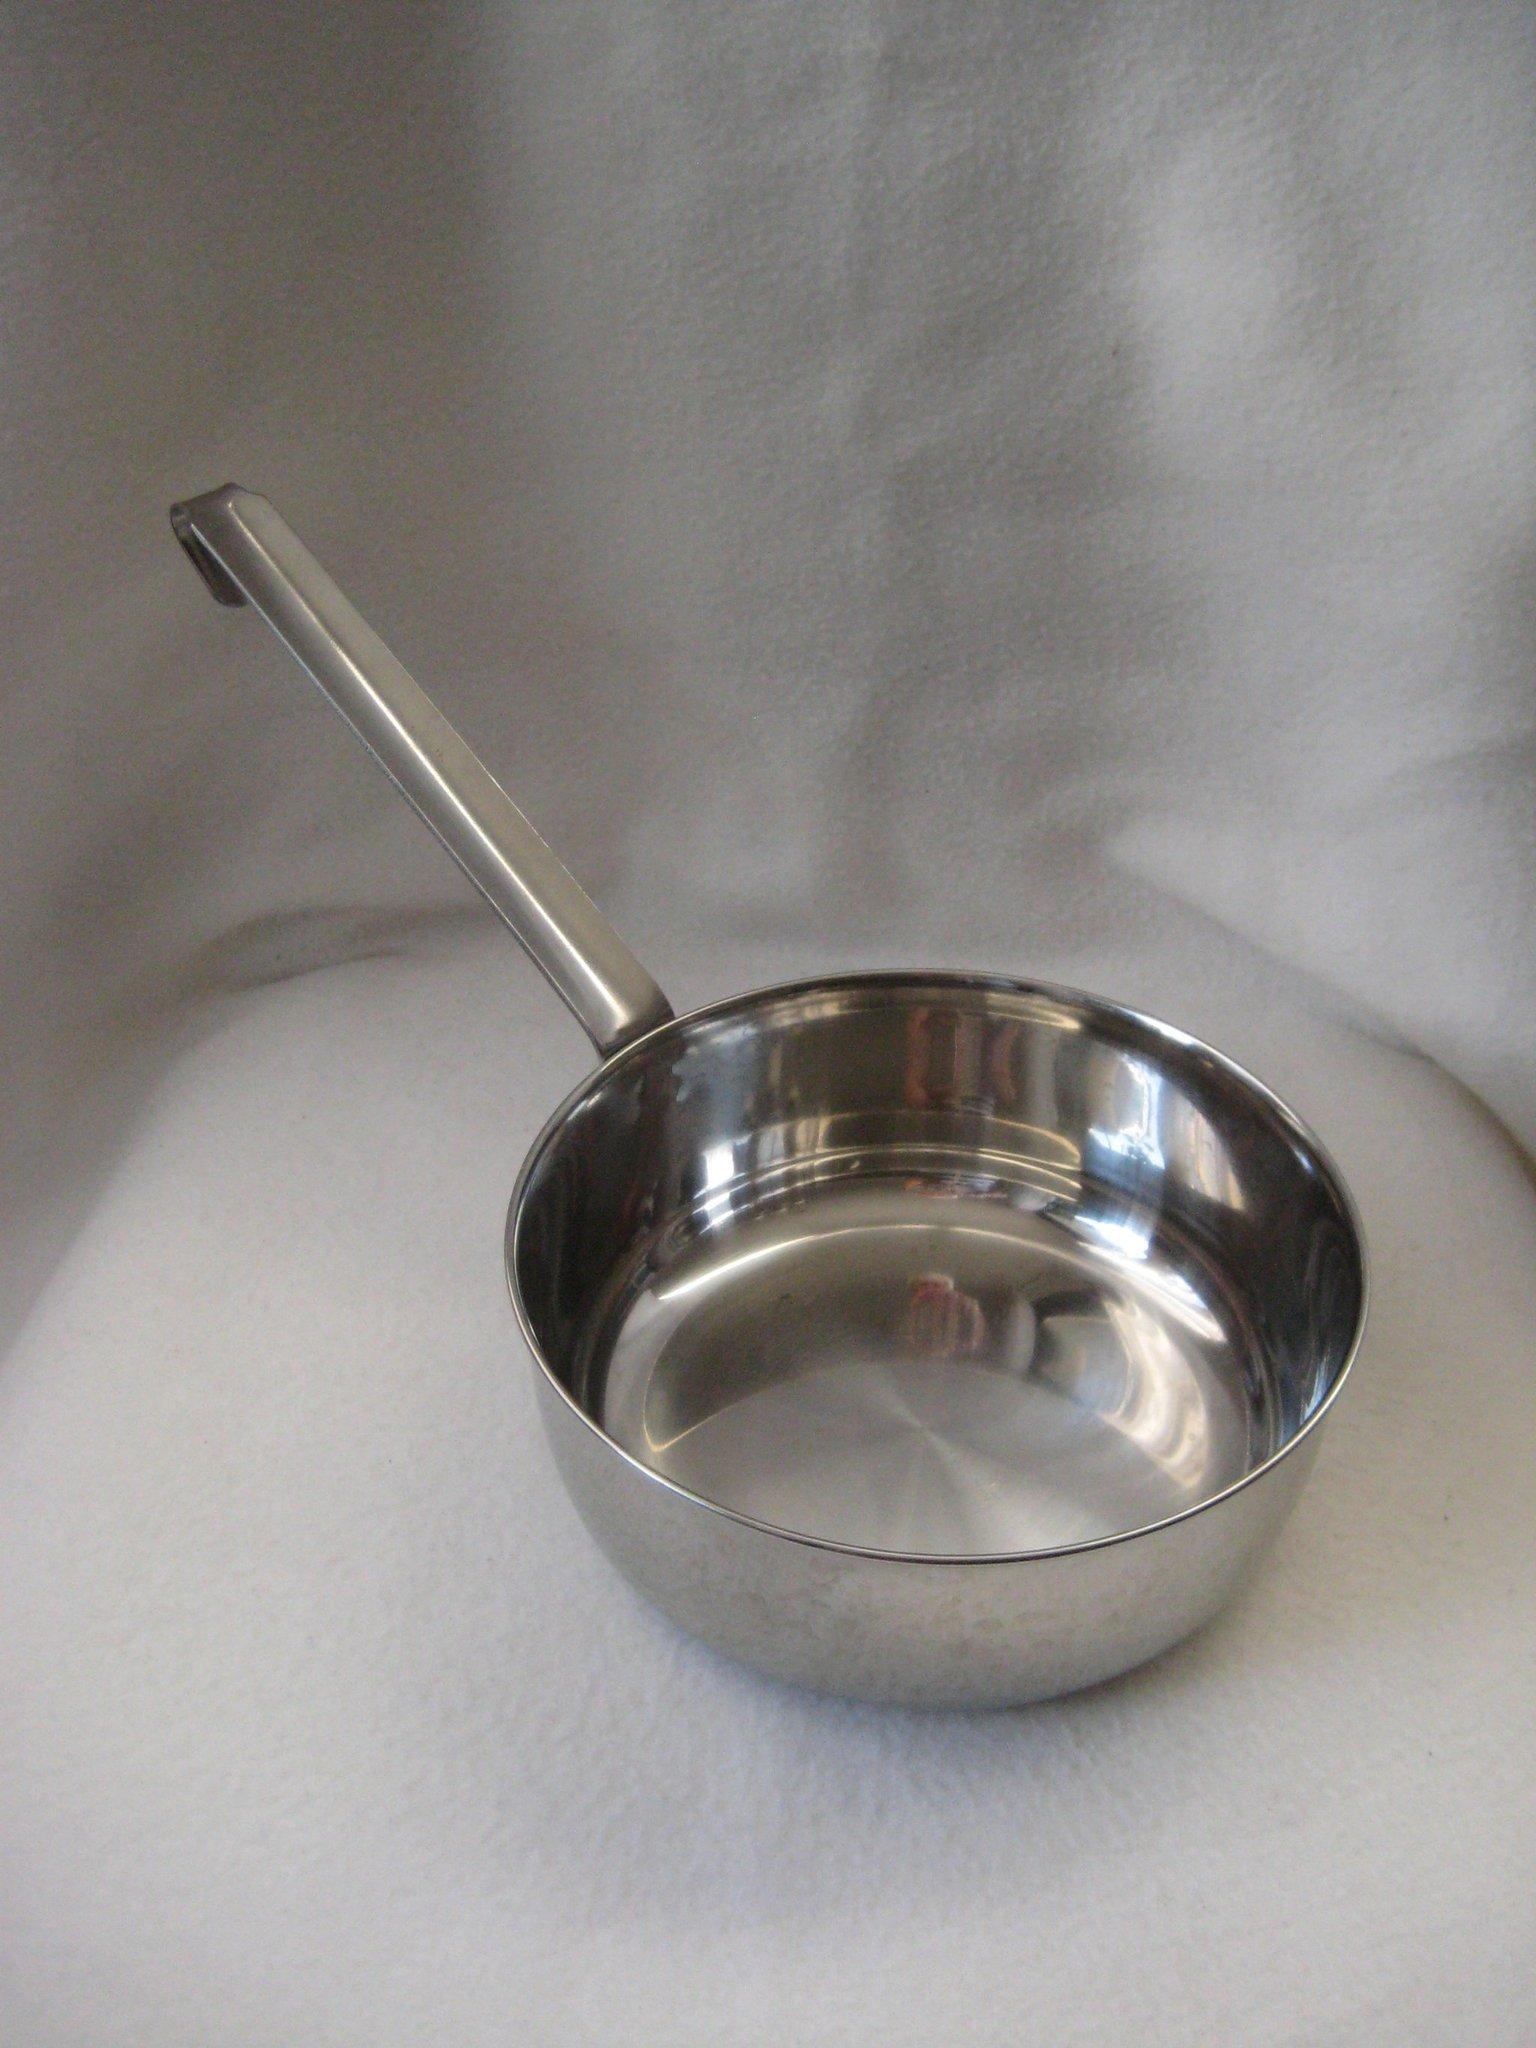 Välkända Skopa/vattenskopa i rostfritt stål 18/8 - NYSKI.. (359130680) ᐈ ZP-29